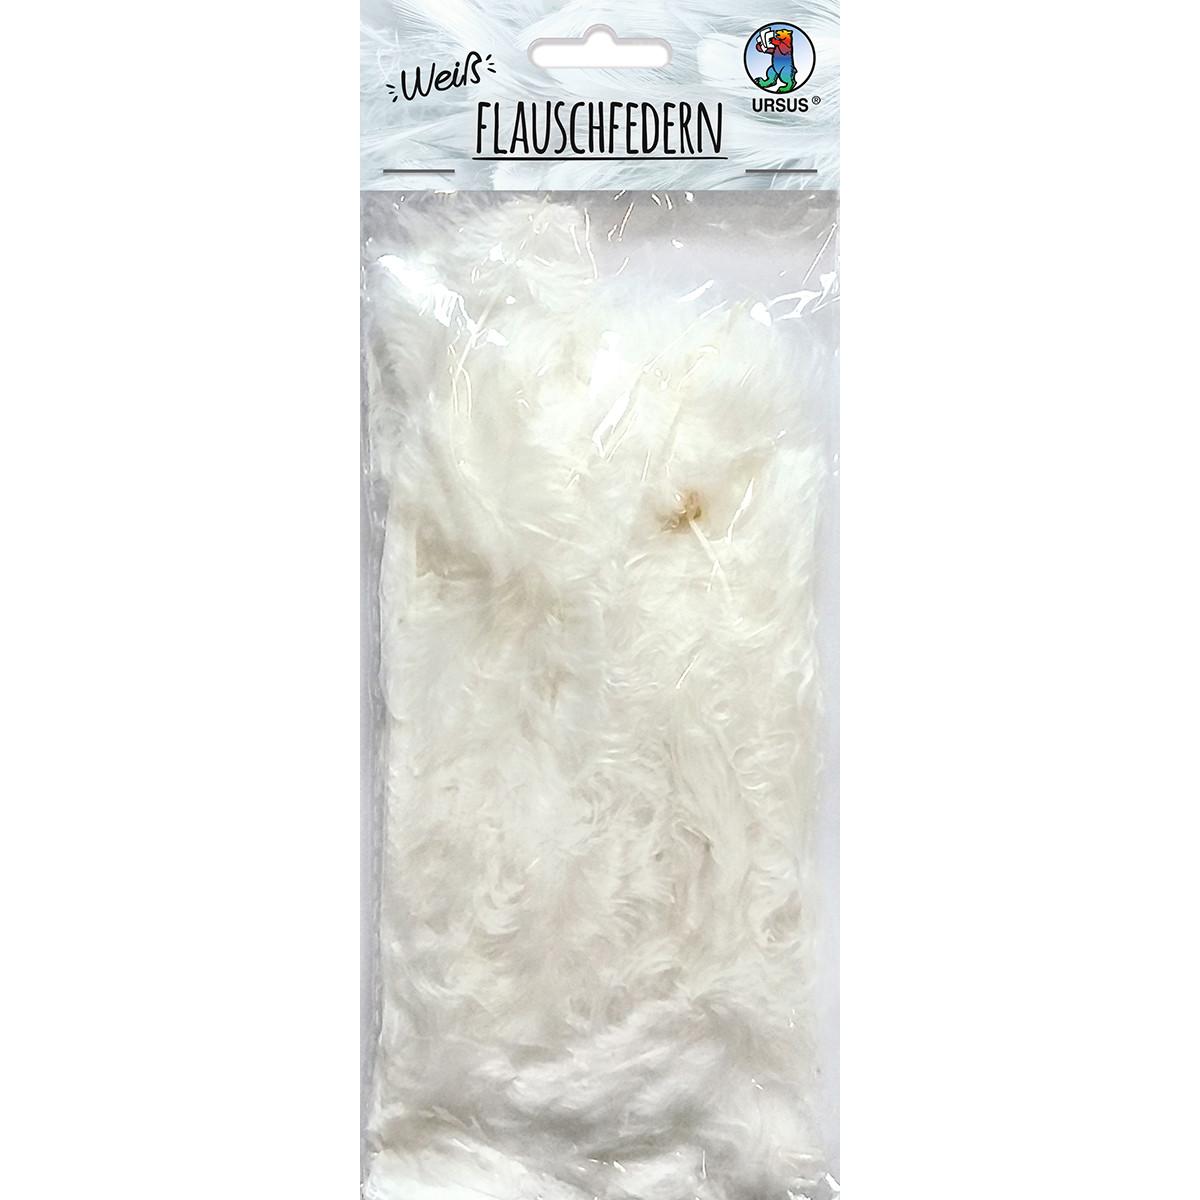 Flauschfedern, 10 Gr. in weiß